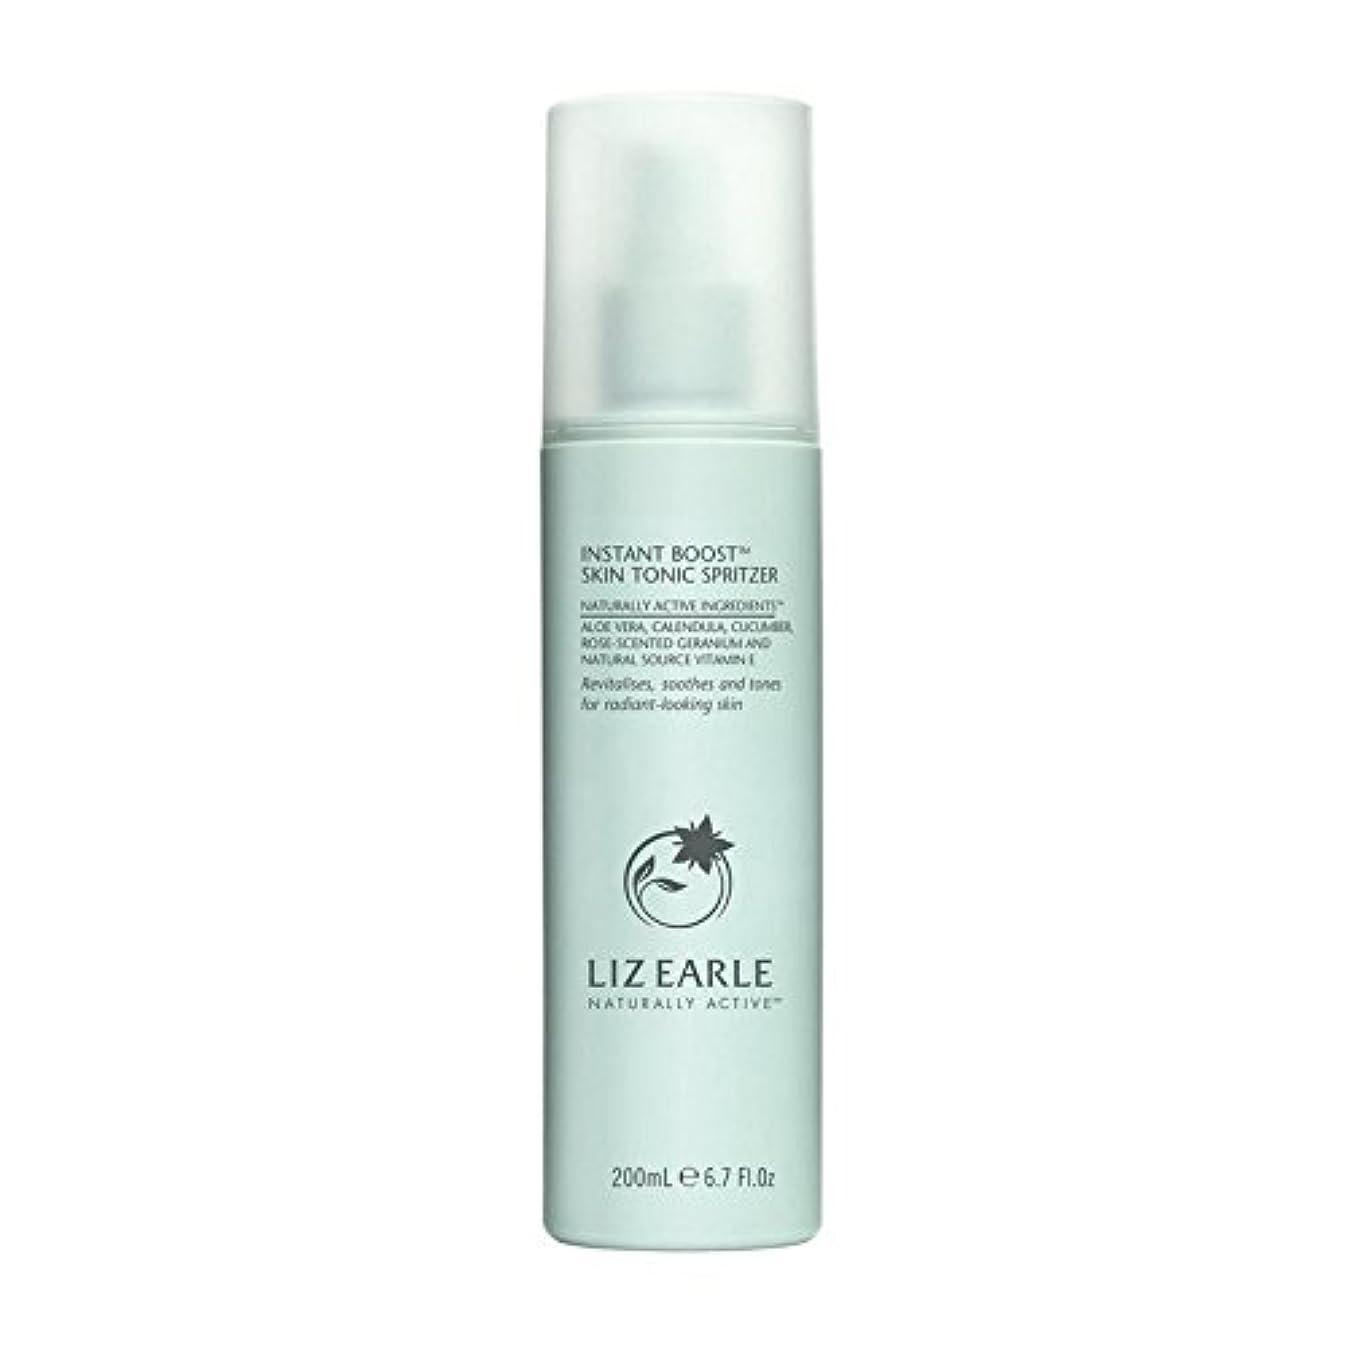 ドキドキマディソンポルトガル語Liz Earle Instant Boost Skin Tonic Spritzer 200ml - リズアールインスタントブーストスキントニックスプリッツァーの200ミリリットル [並行輸入品]